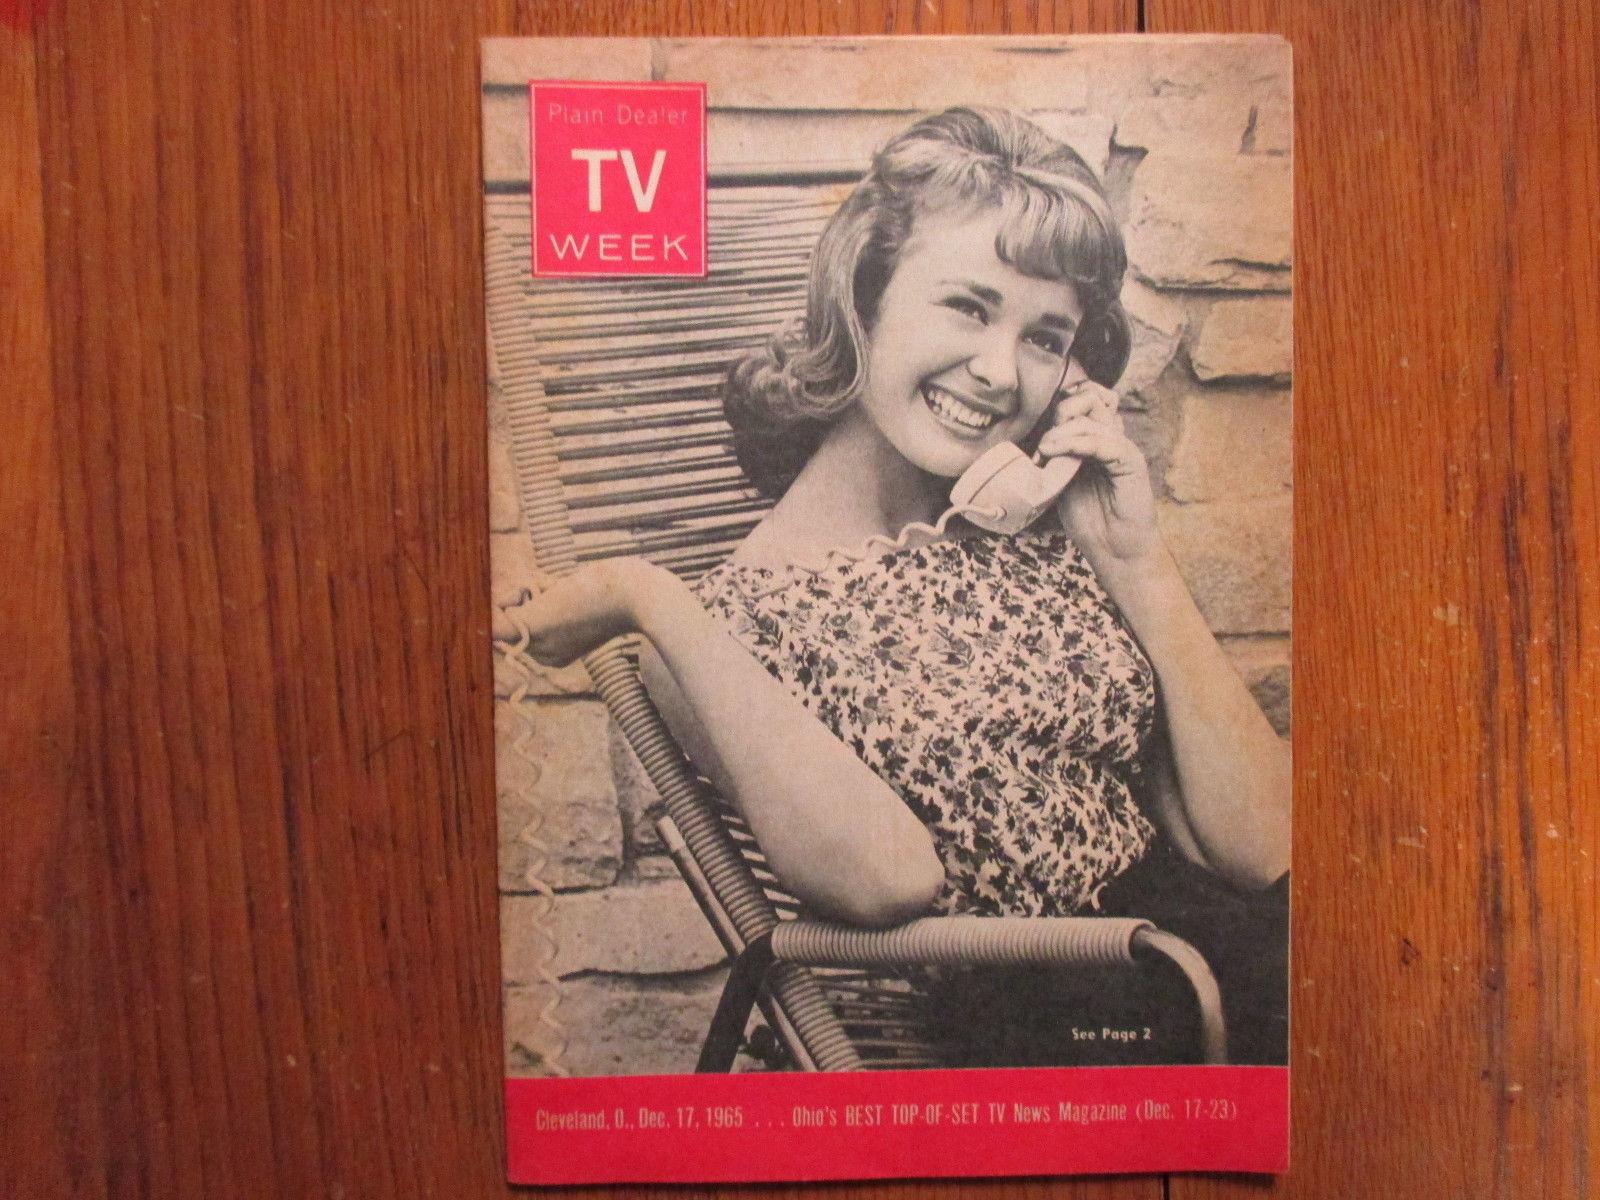 Dec_17_1965_Cleveland_Plain_Dealer_TV_Magazine